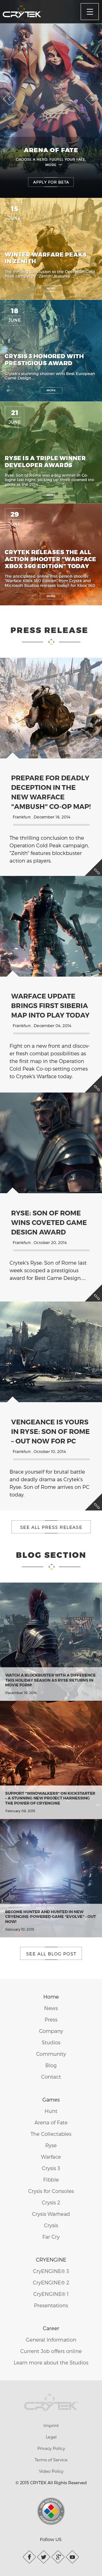 Crytek homepage mobile1